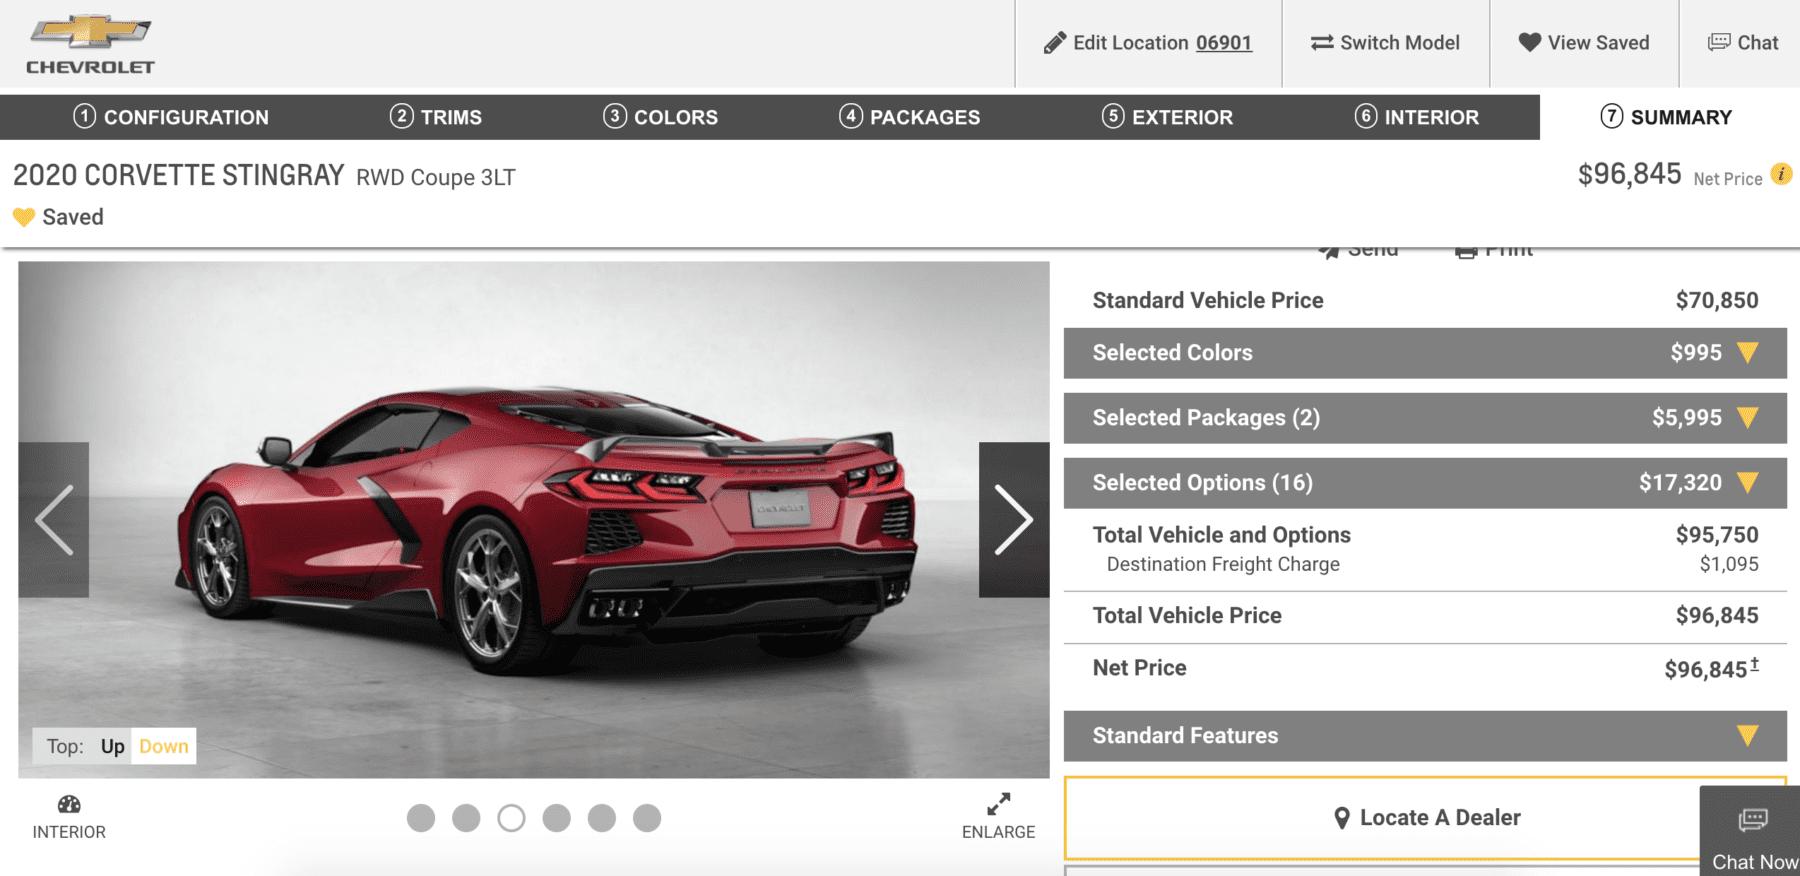 2020 Chevrolet C8 Corvette